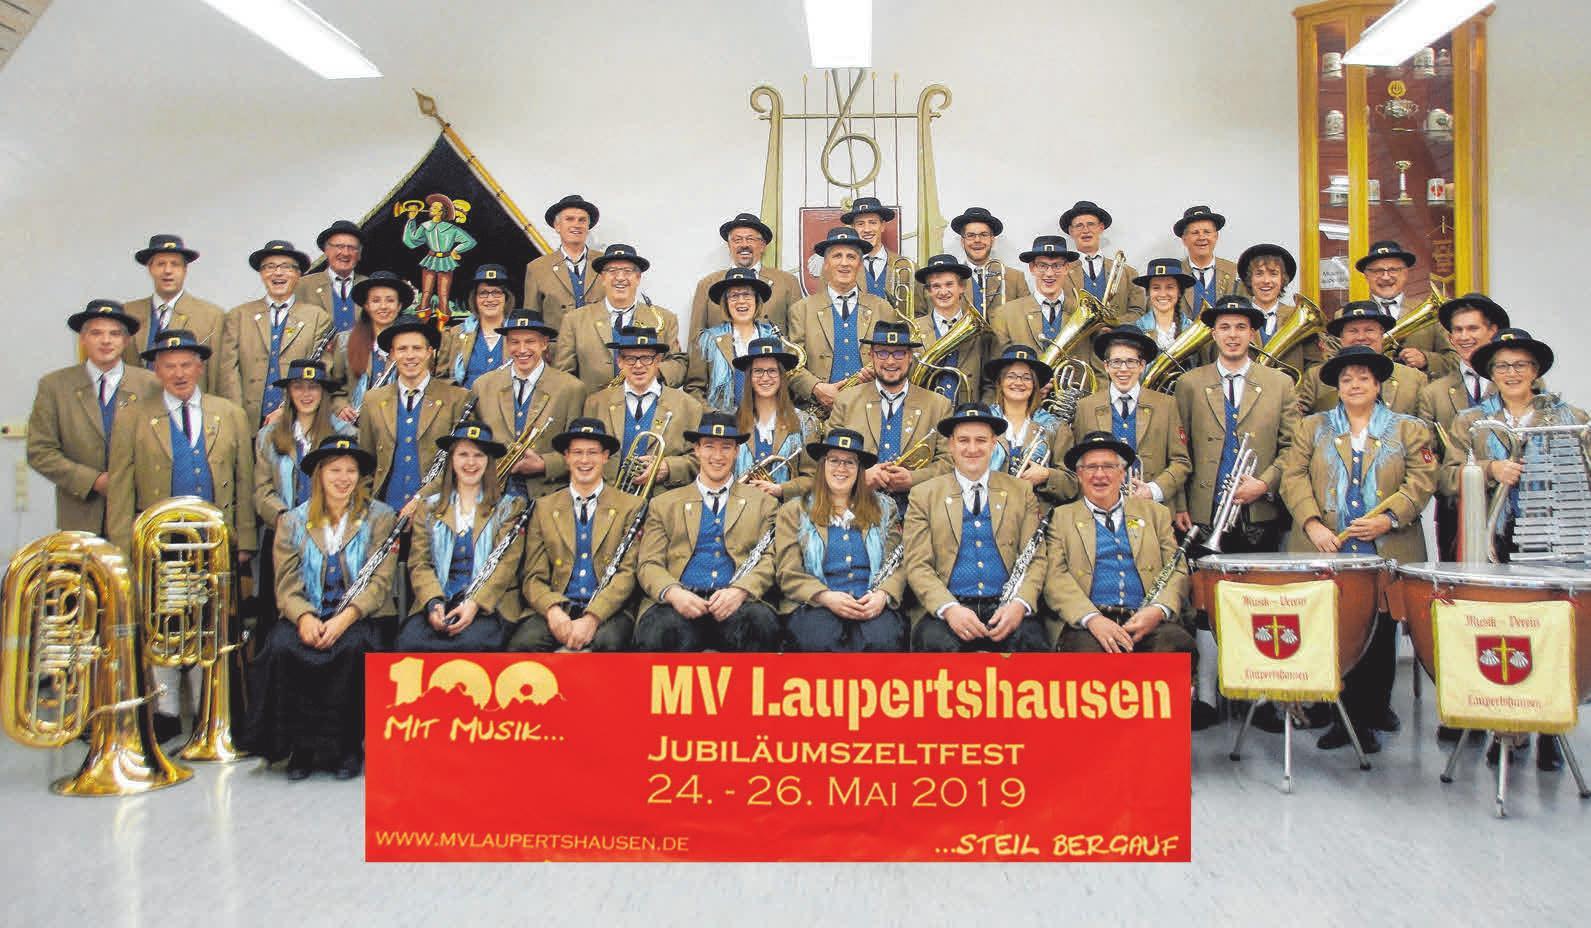 Der Musikverein Laupertshausen hat aktuell 43 aktive Mitglieder. FOTOS: PRIVAT